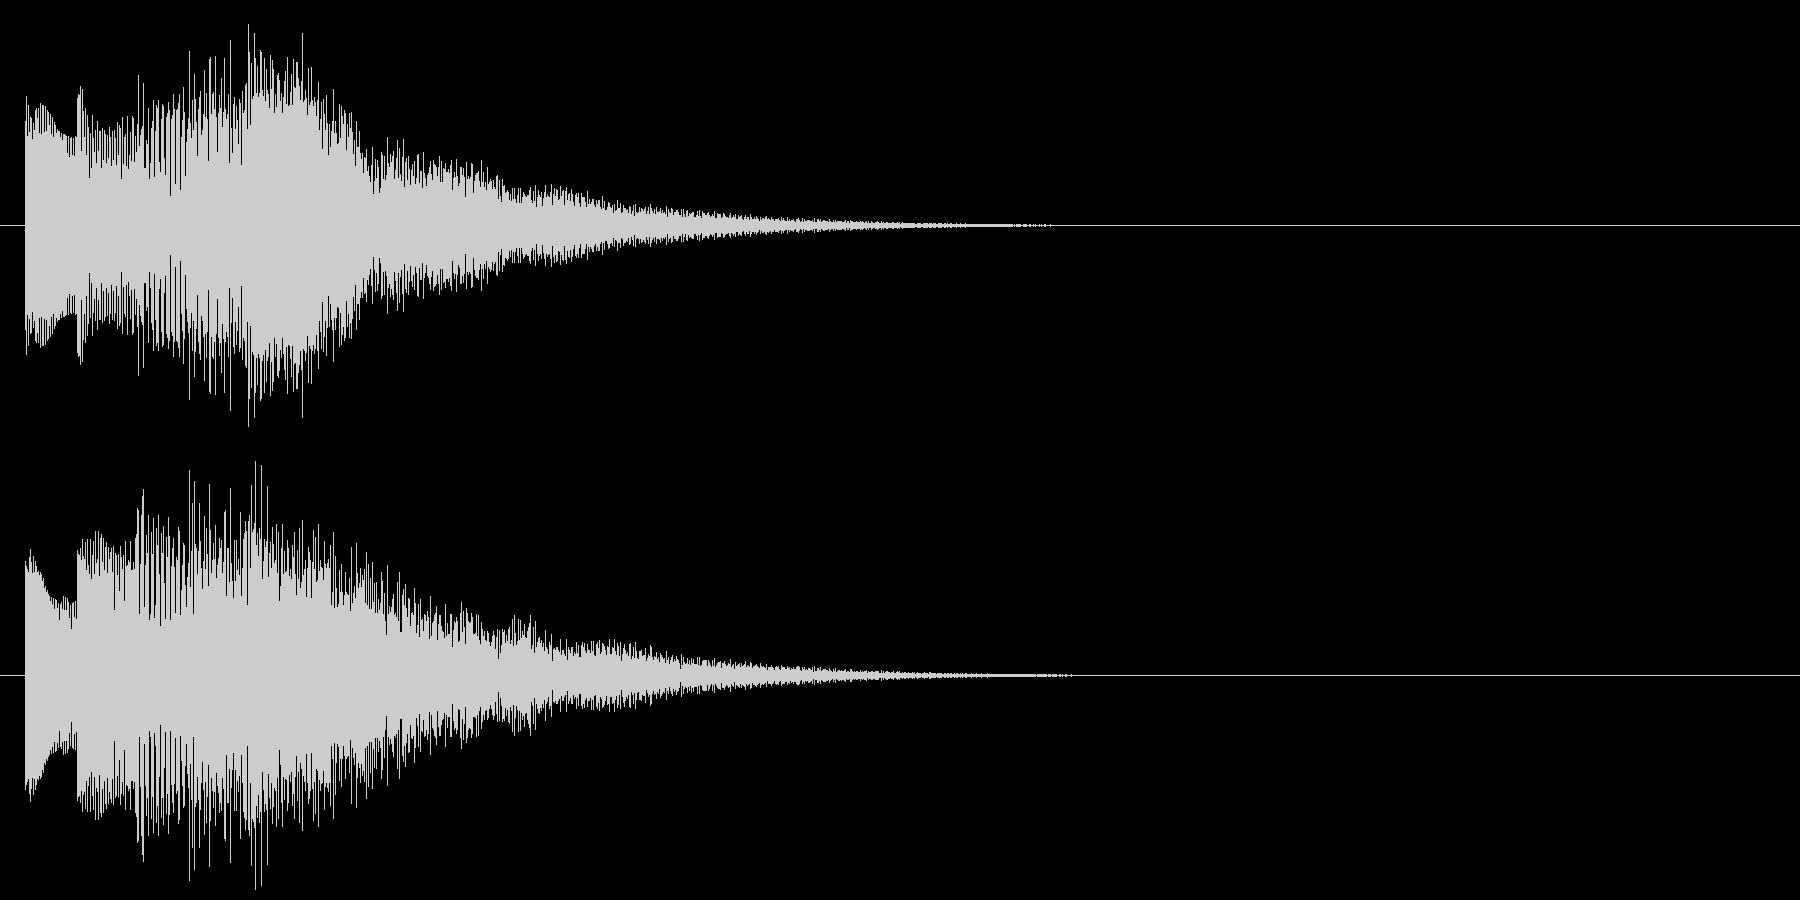 アラーム音05 ベル(sus4)の未再生の波形